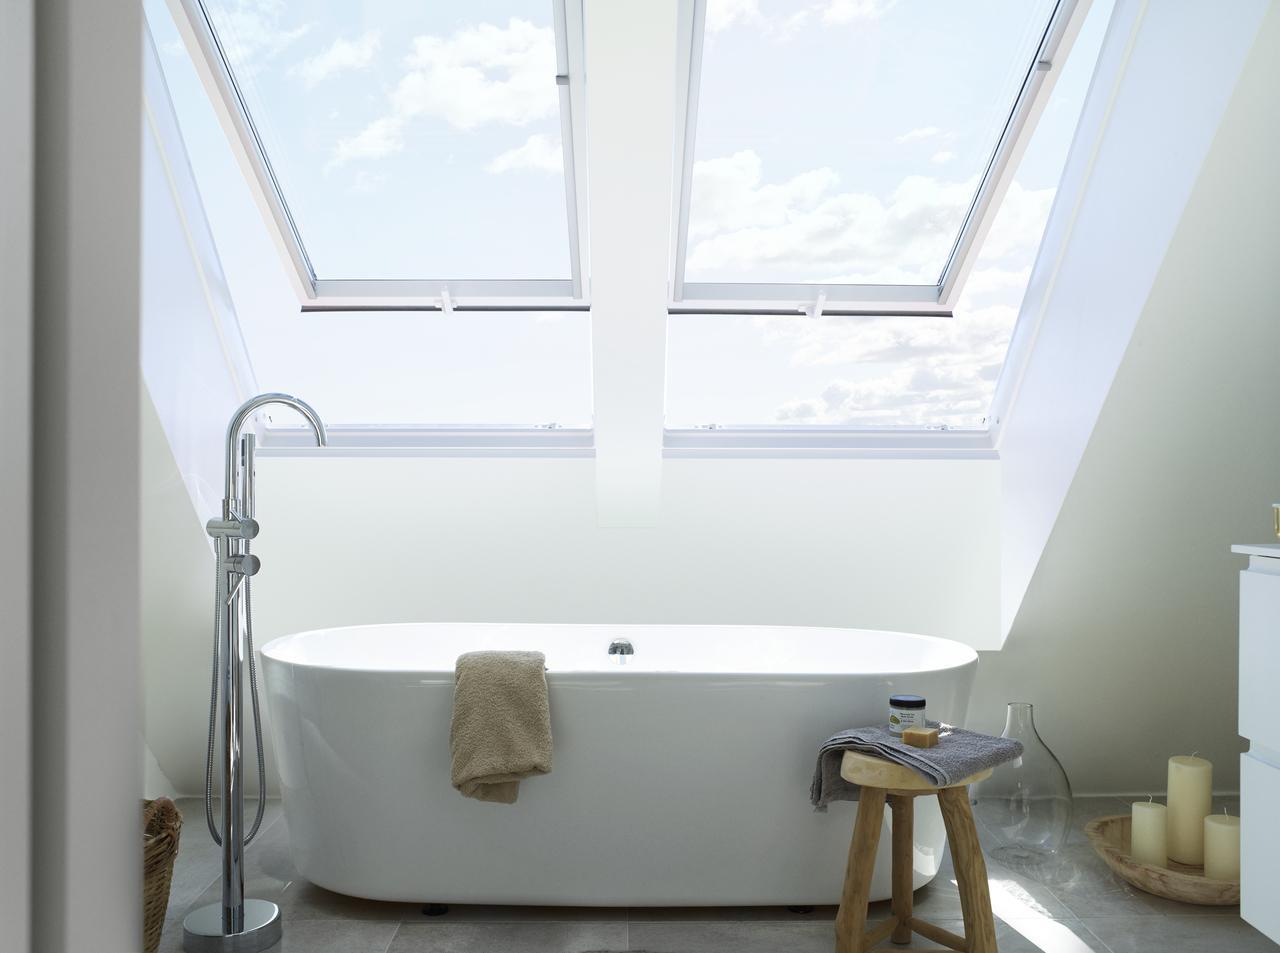 Дизайн інтер'єру ванної кімнати на мансардному поверсі: фото #0006 Ванна кімната на мансардному поверсі